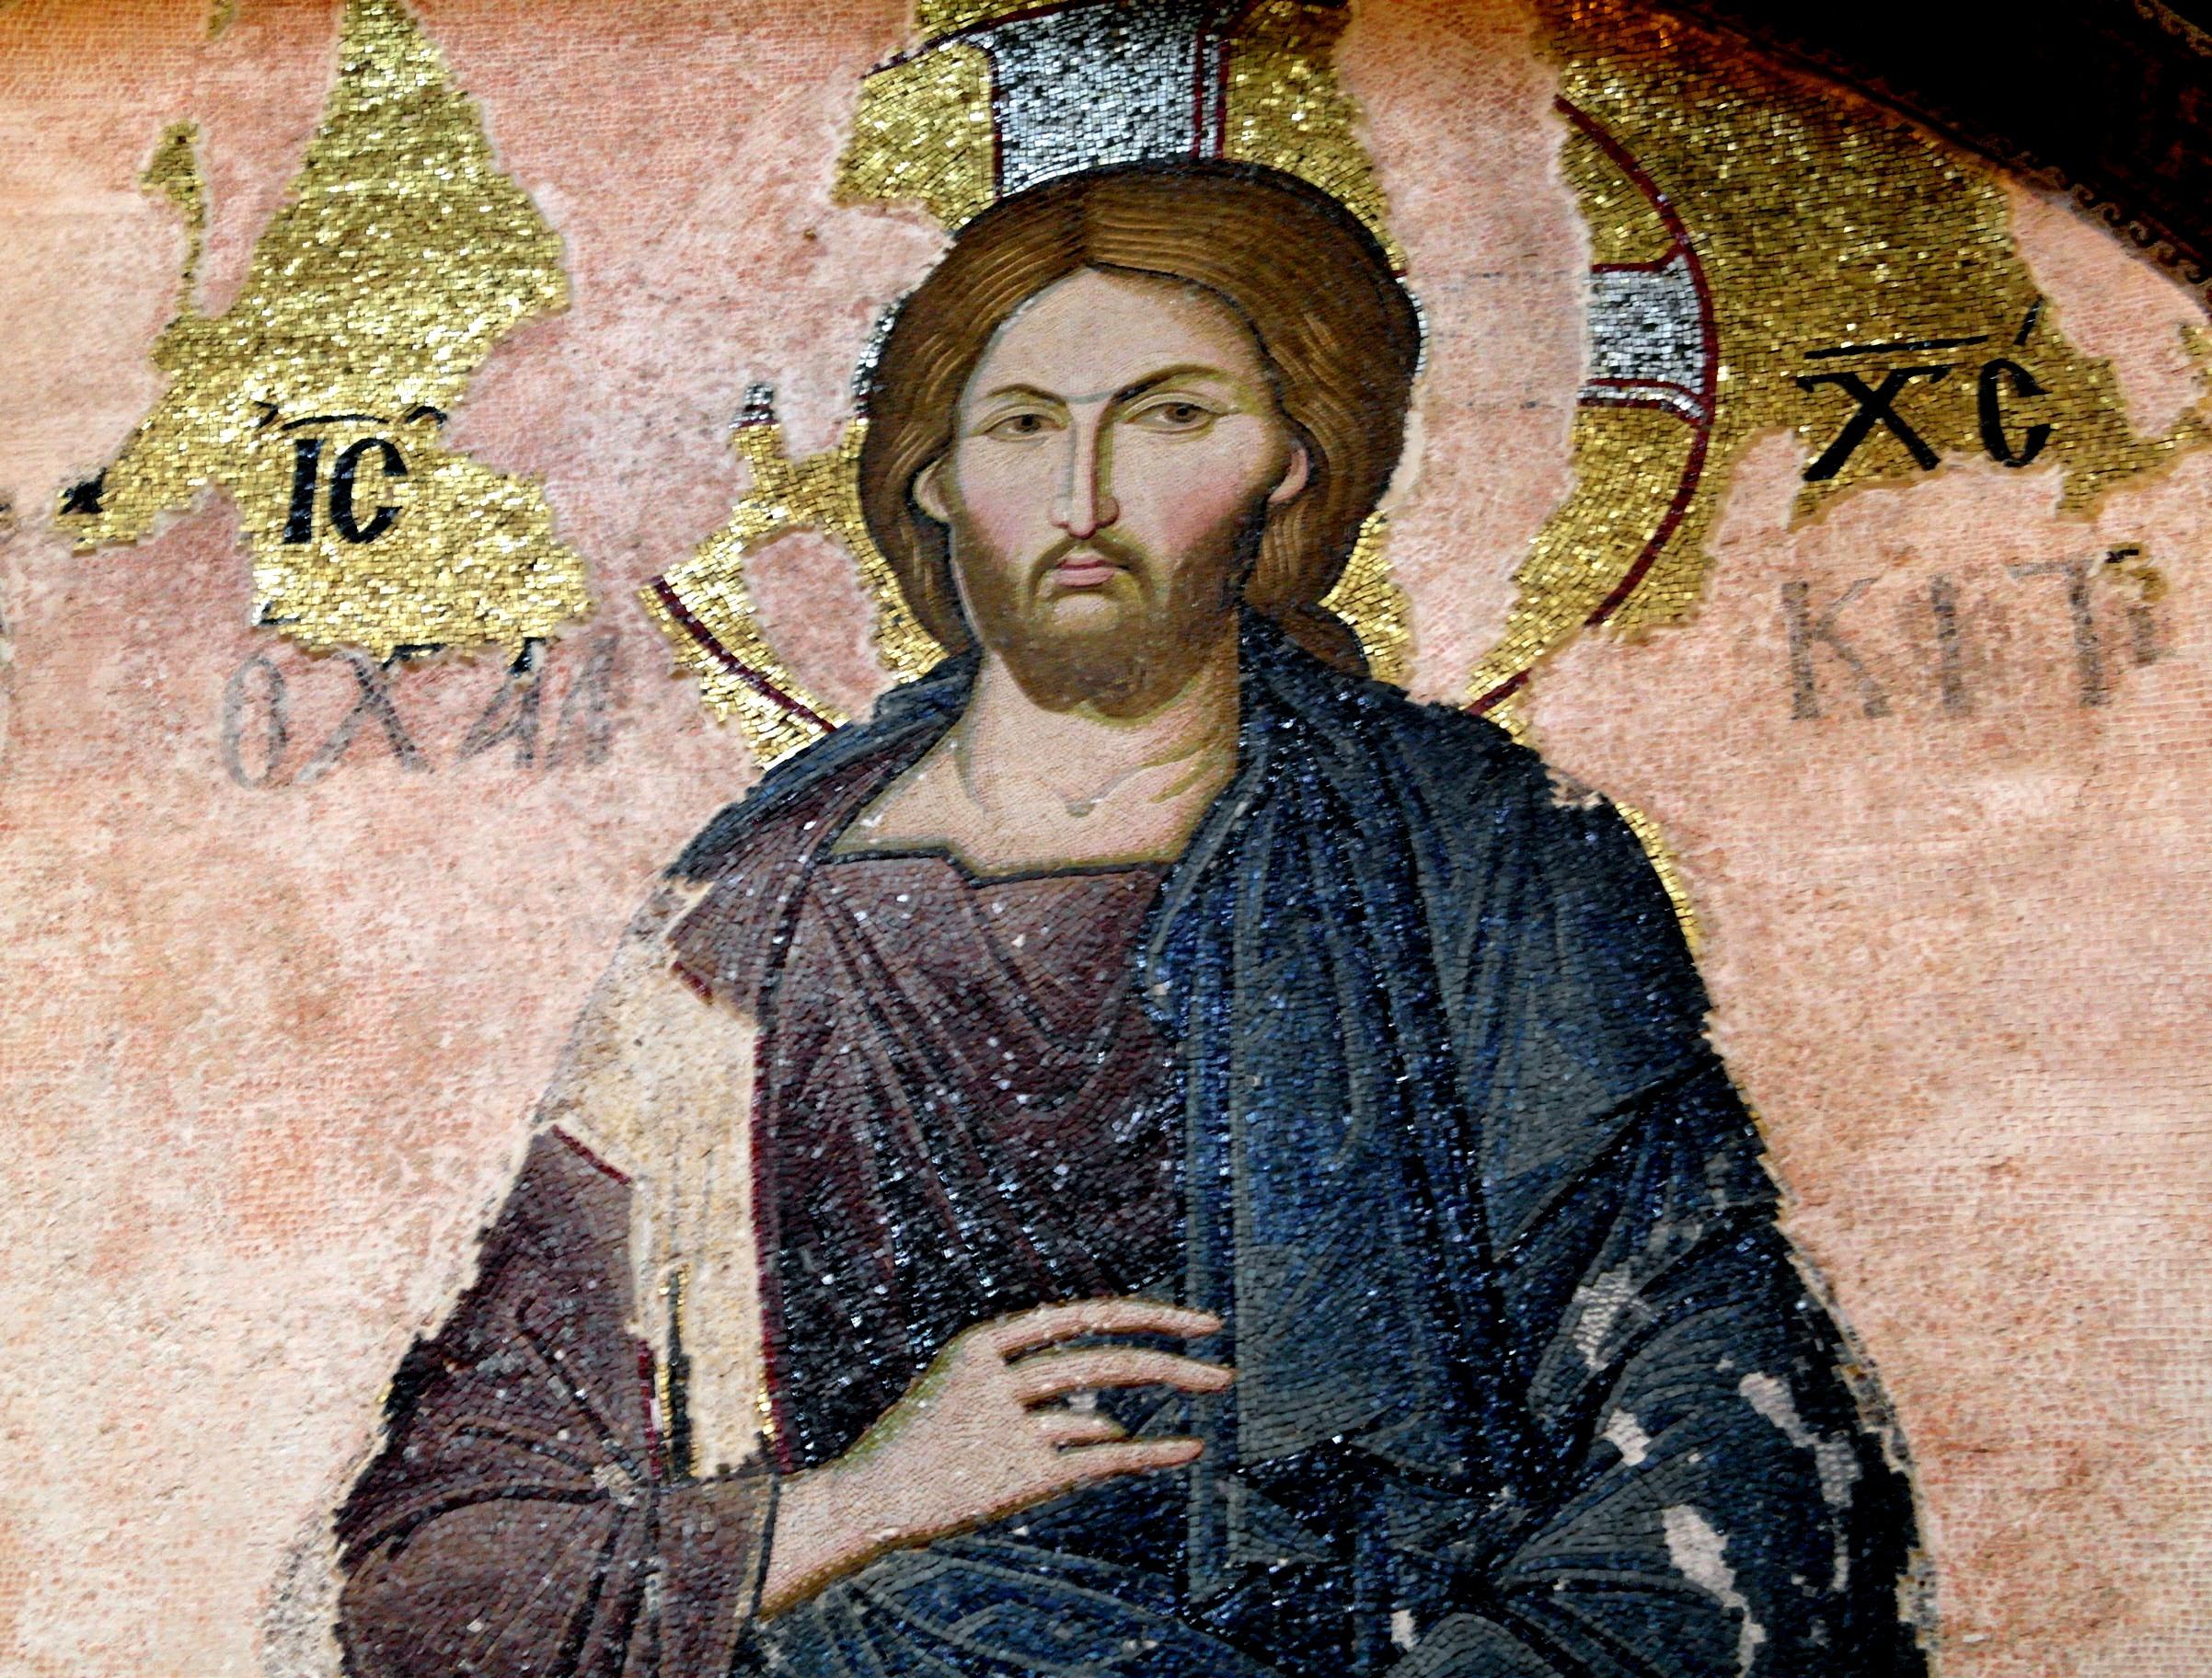 Христос Пантократор. Мозаика монастыря Хора в Константинополе. 1315 - 1321 годы.